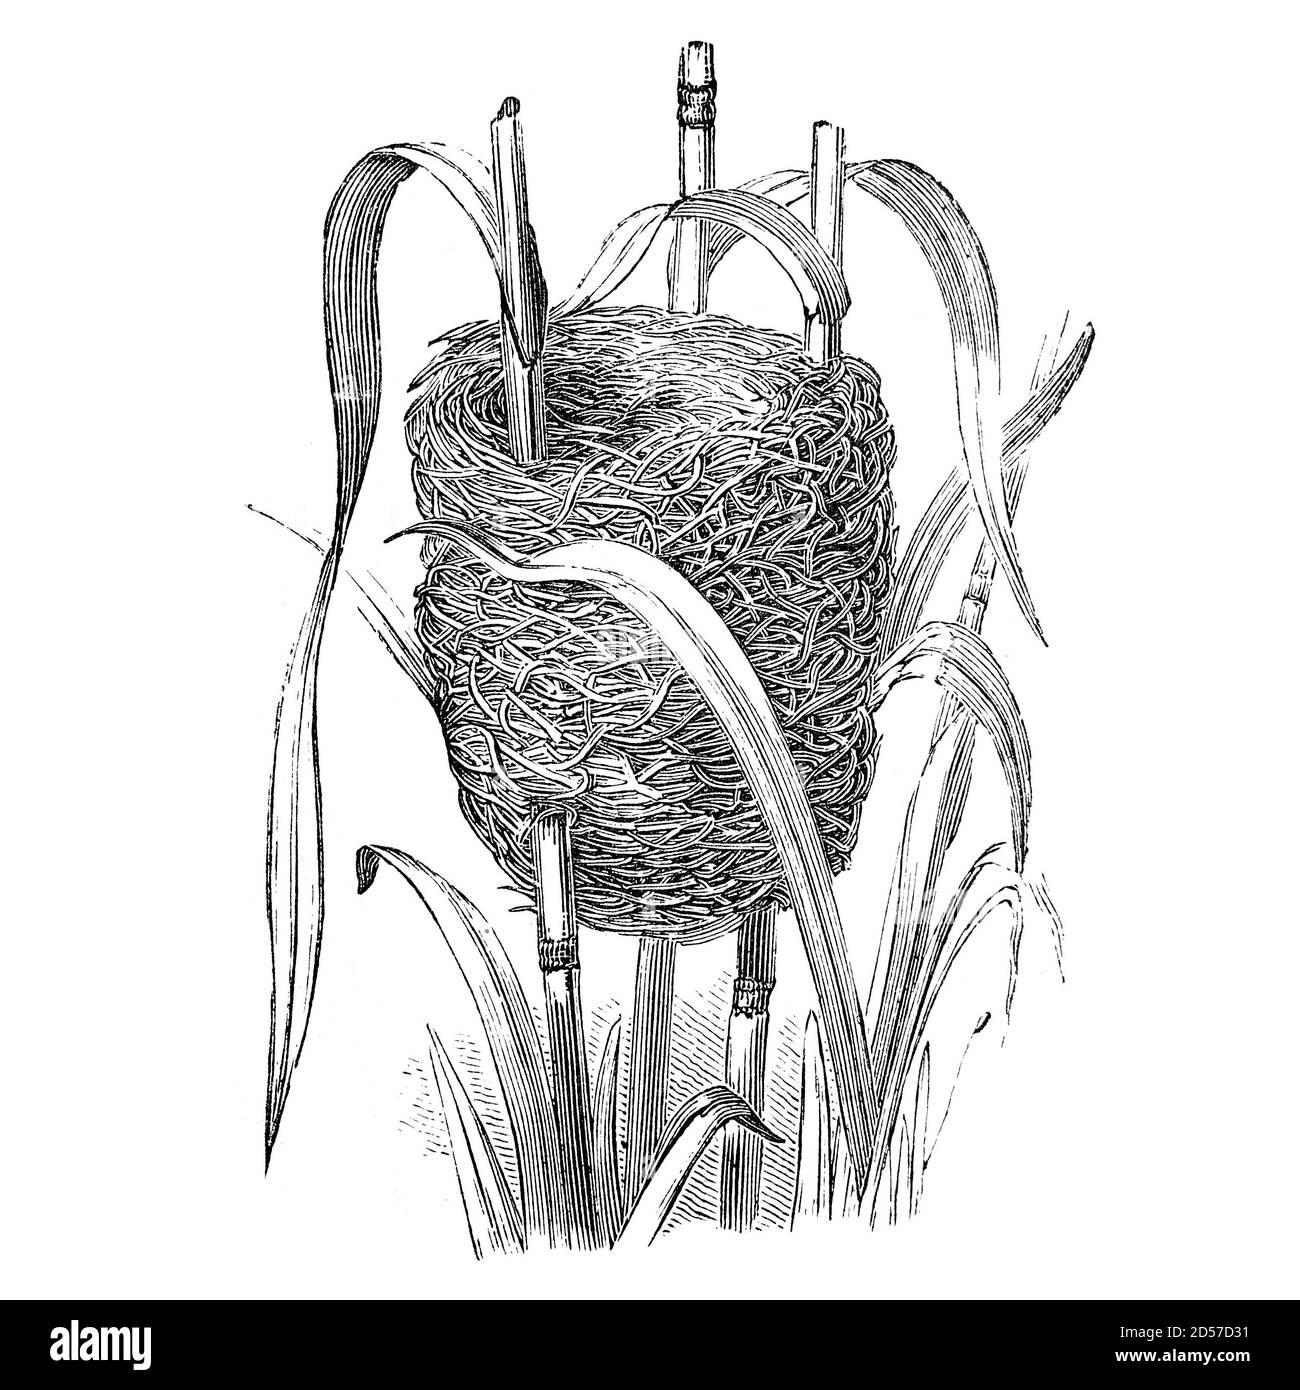 Nid d'oiseau de bunkting en roseau, illustration vintage. Extrait d'un livre antique « The Playtime Naturaliste » du Dr. J.E. Taylor, publié à Londres, Royaume-Uni, 1889. Banque D'Images